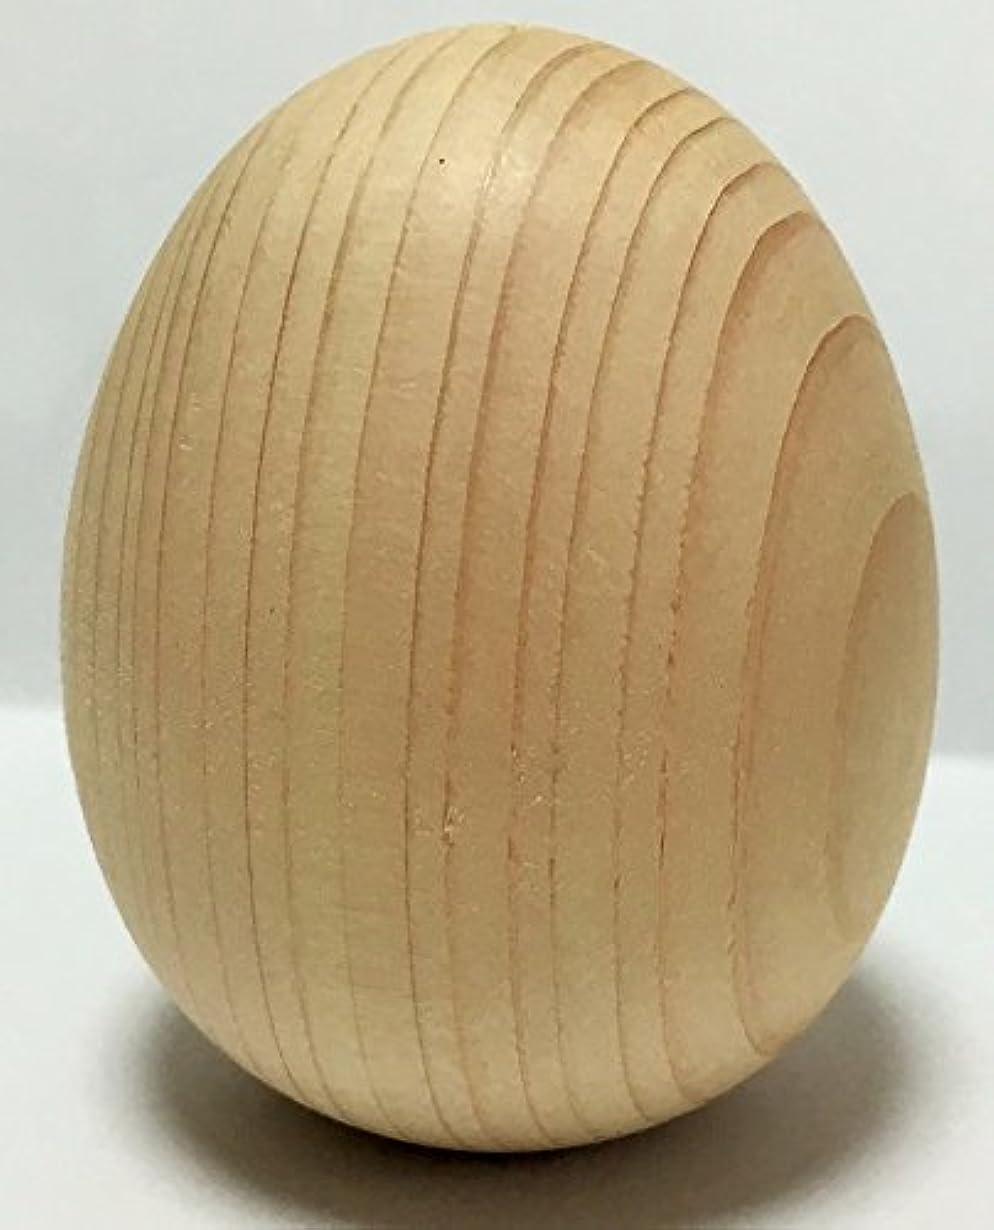 報復結論電話1個から購入できる!卵型ヒノキボール タマゴ型 檜ボール 桧ボール ひのきボール 玉